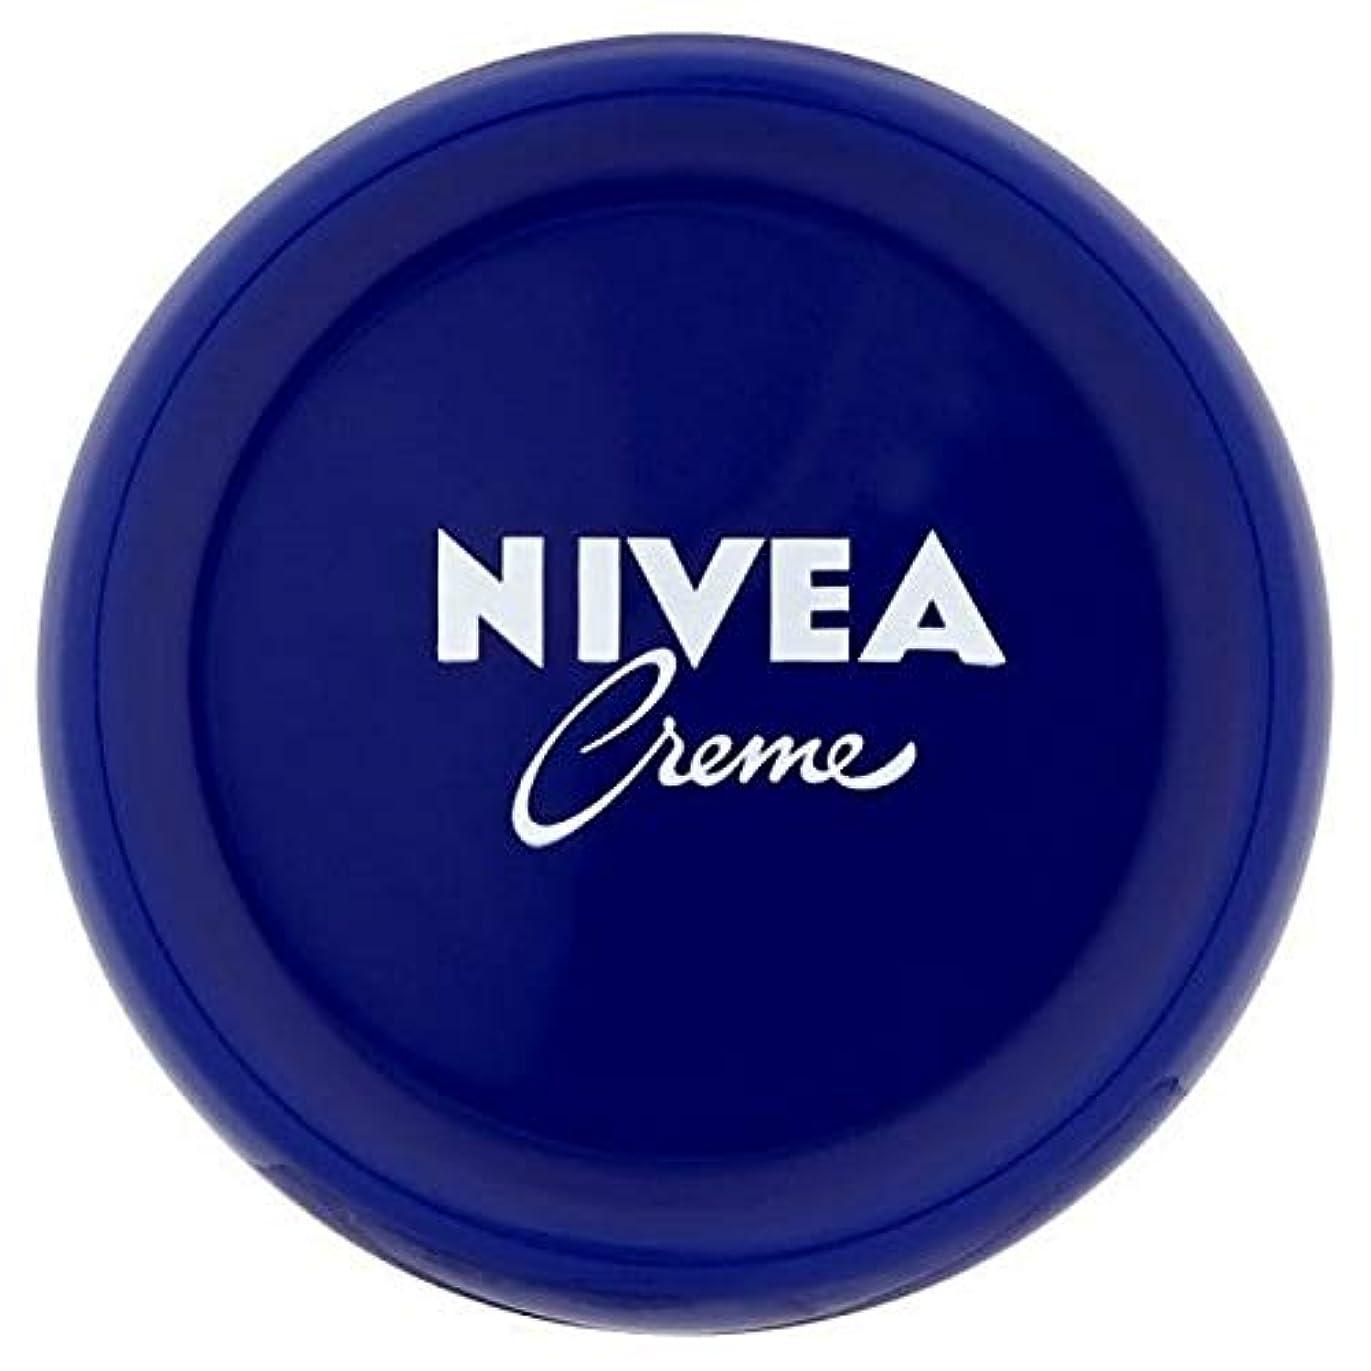 バケツ両方硬い[Nivea ] ニベアクリーム万能ボディクリーム、50ミリリットル - NIVEA Creme All Purpose Body Cream, 50ml [並行輸入品]